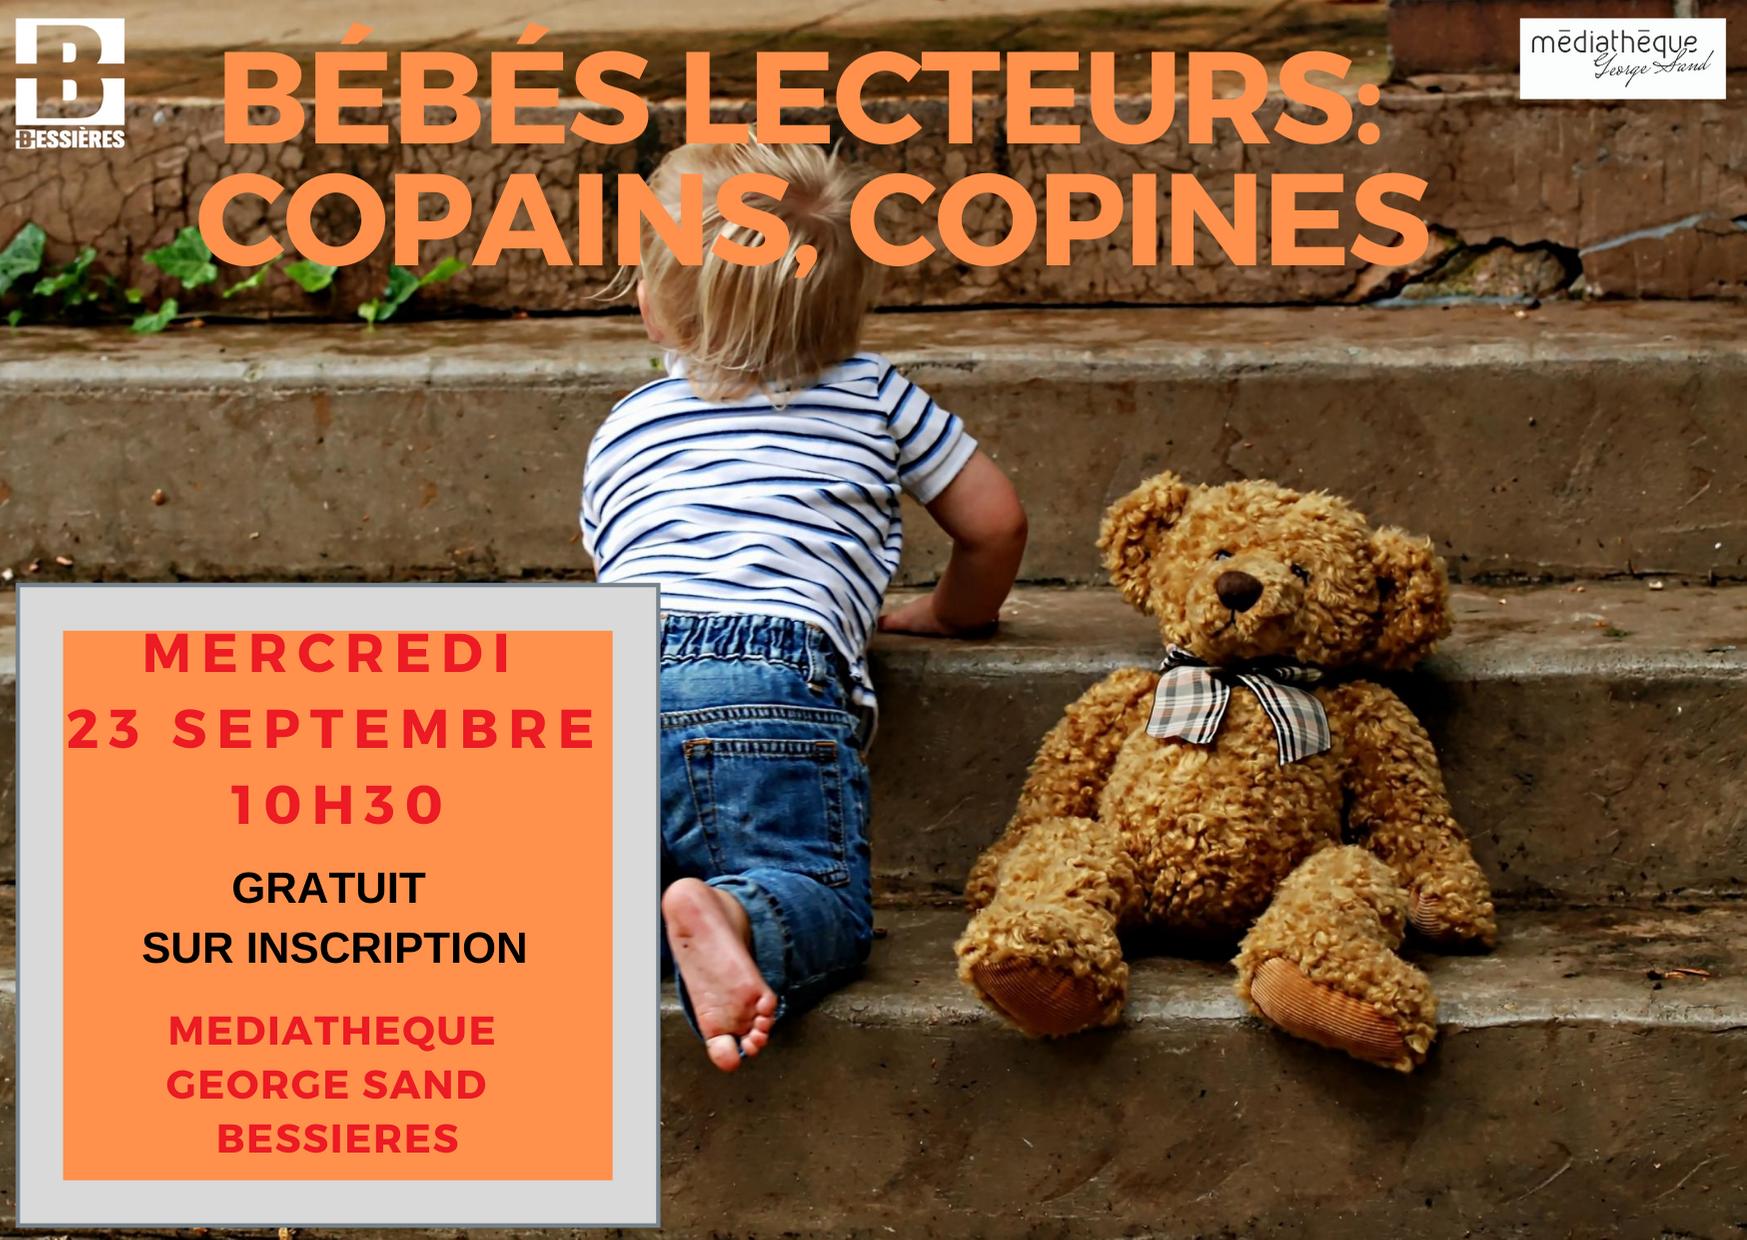 Bébés lecteurs: Copains, Copines. Mercredi 22 Septembre 2020